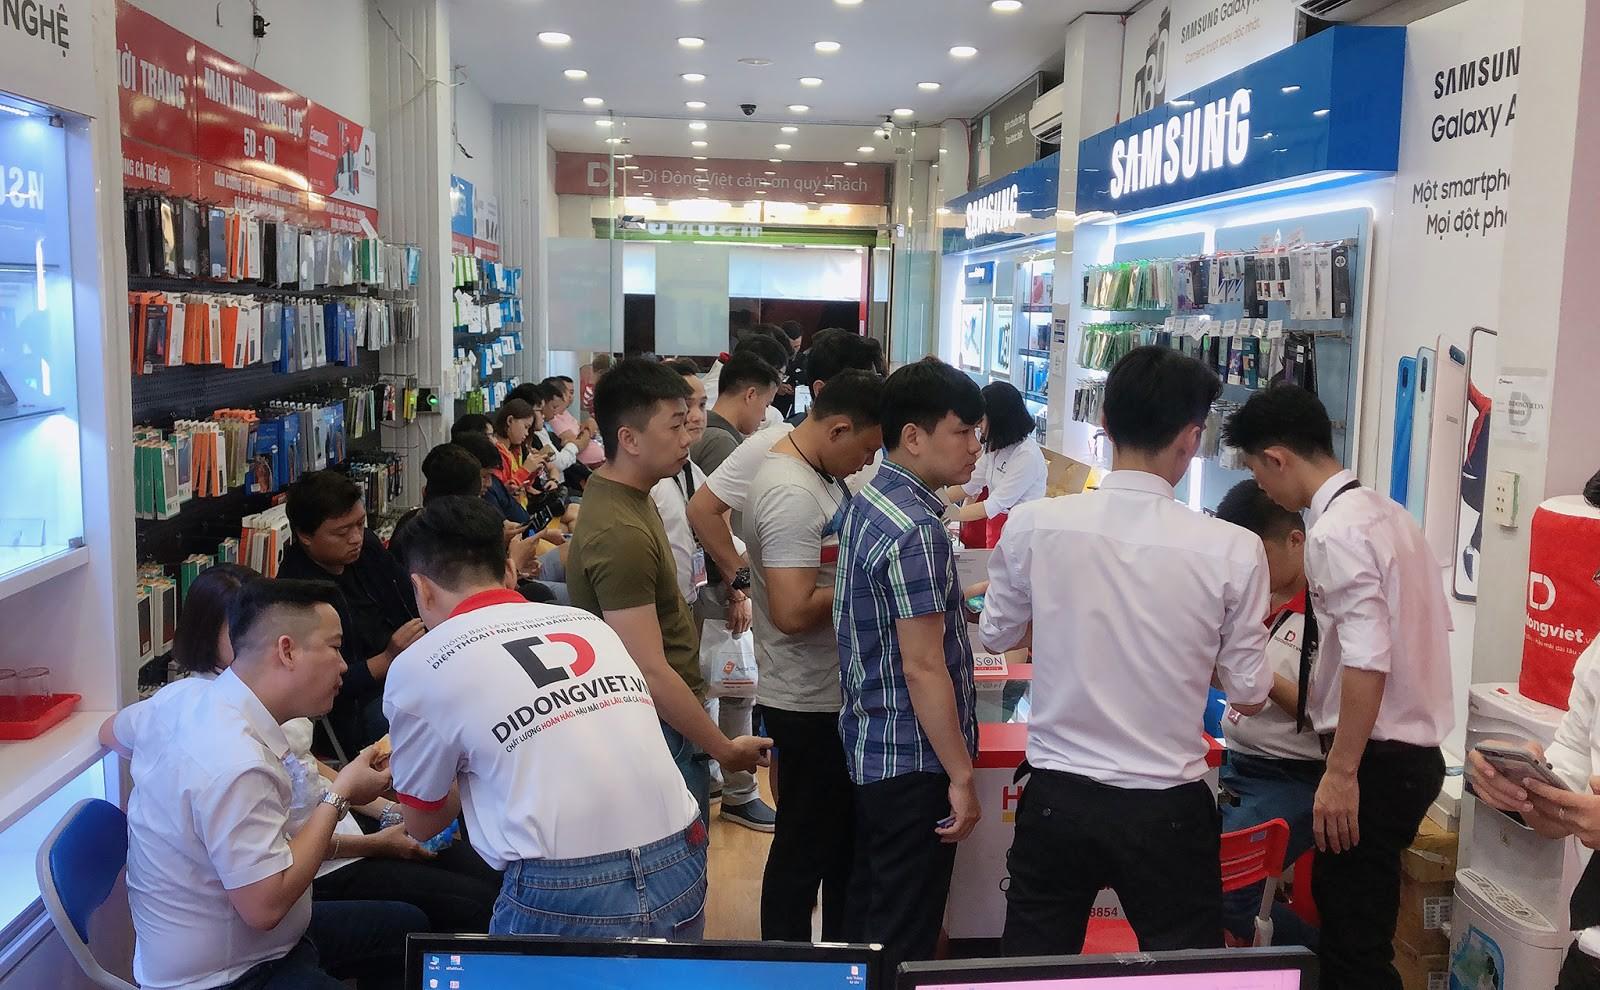 Anh Bo Đan Trường bất ngờ đến Di Động Việt để tậu iPhone 11 Pro Max - Ảnh 6.